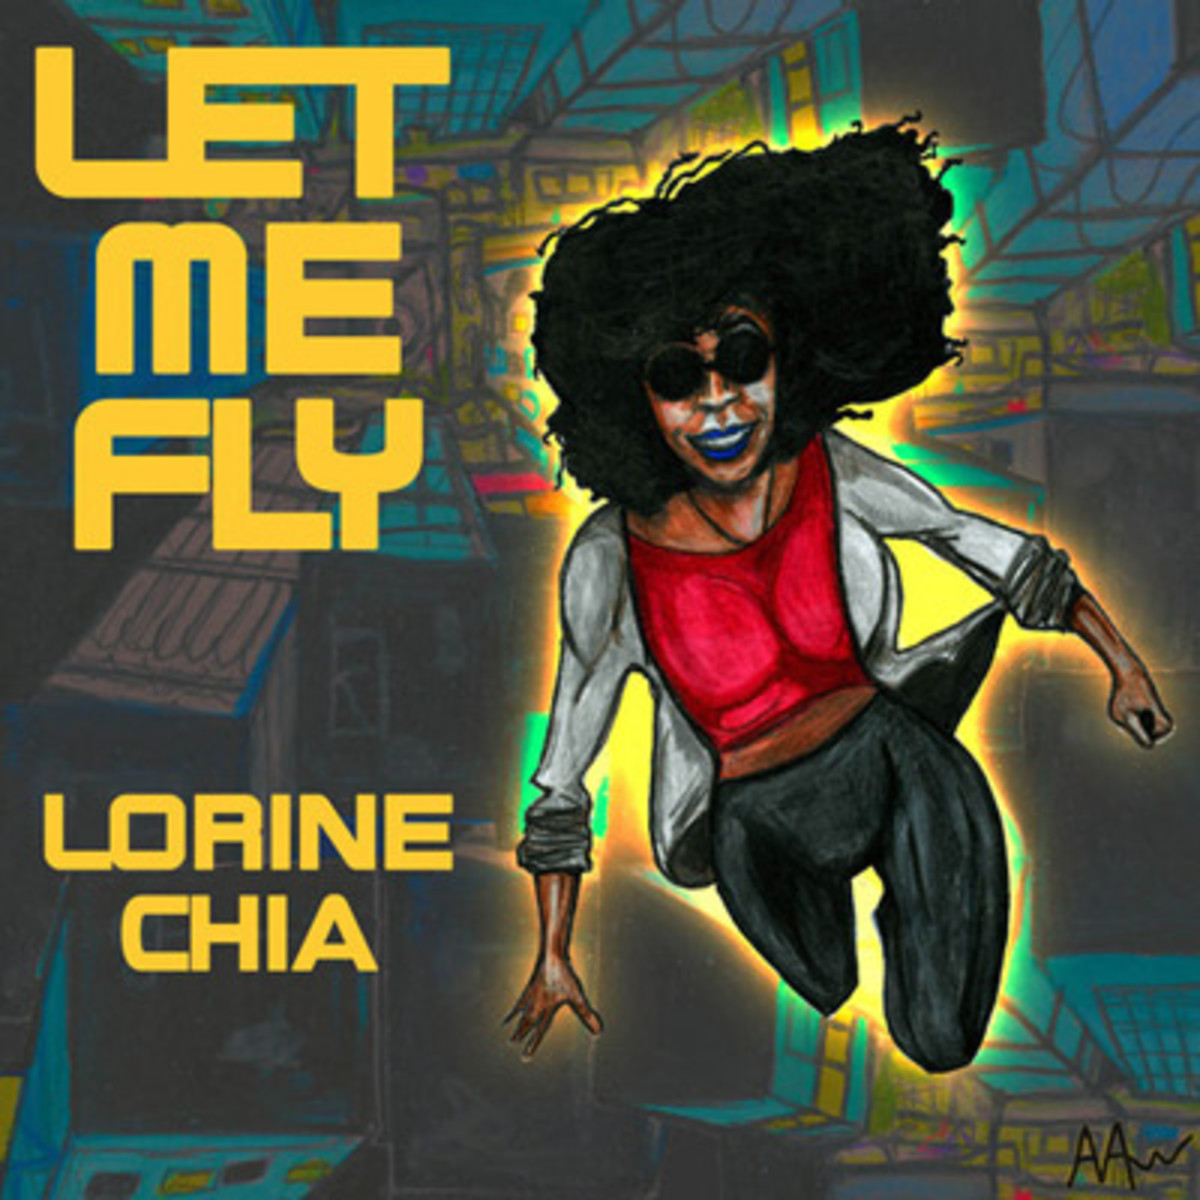 lorinechia-letmefly.jpg